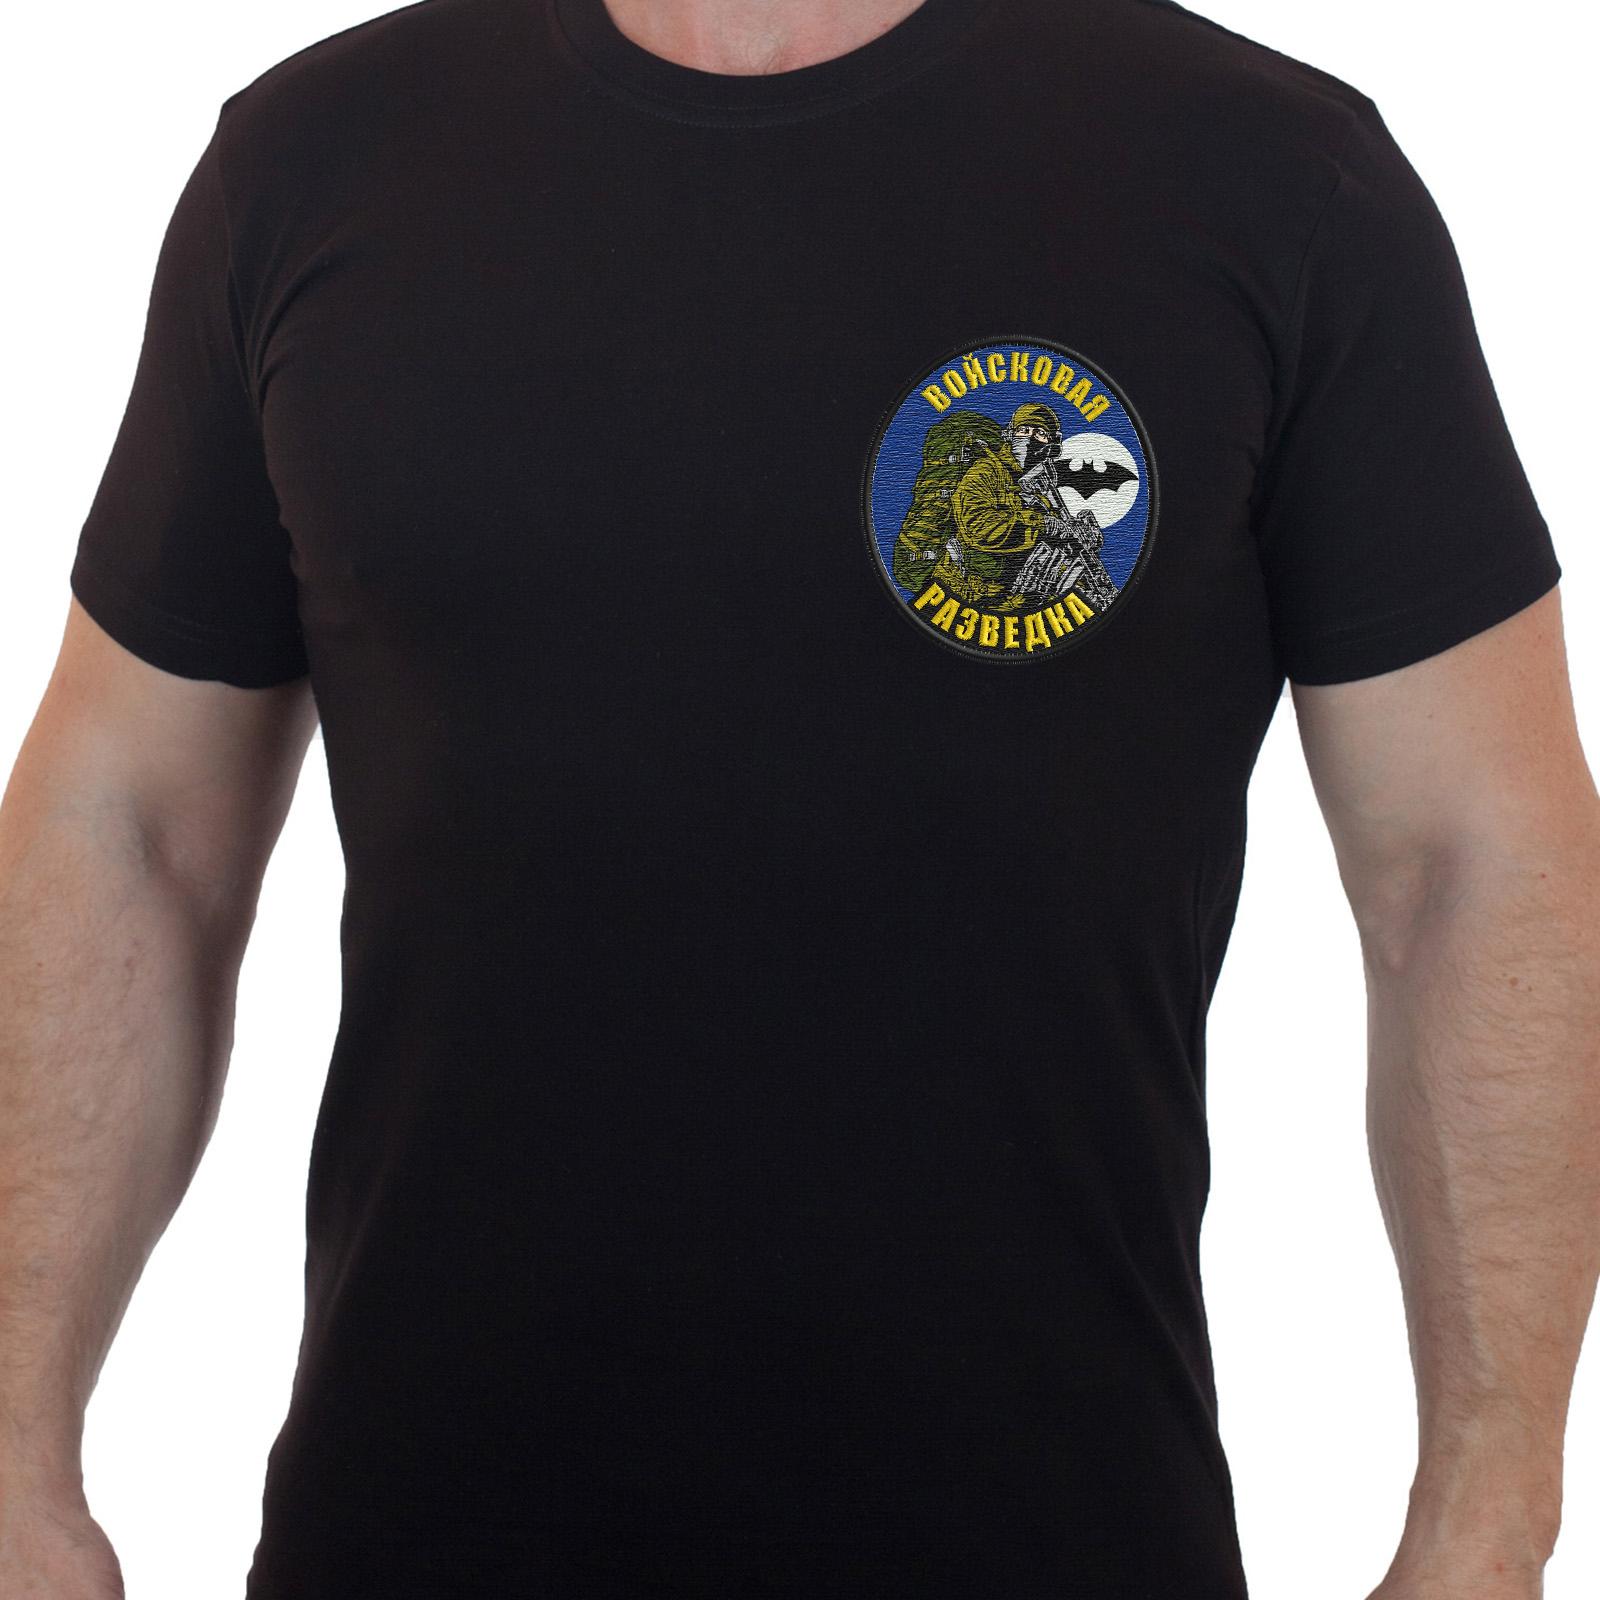 Мужская футболка с вышивкой Войсковая Разведка